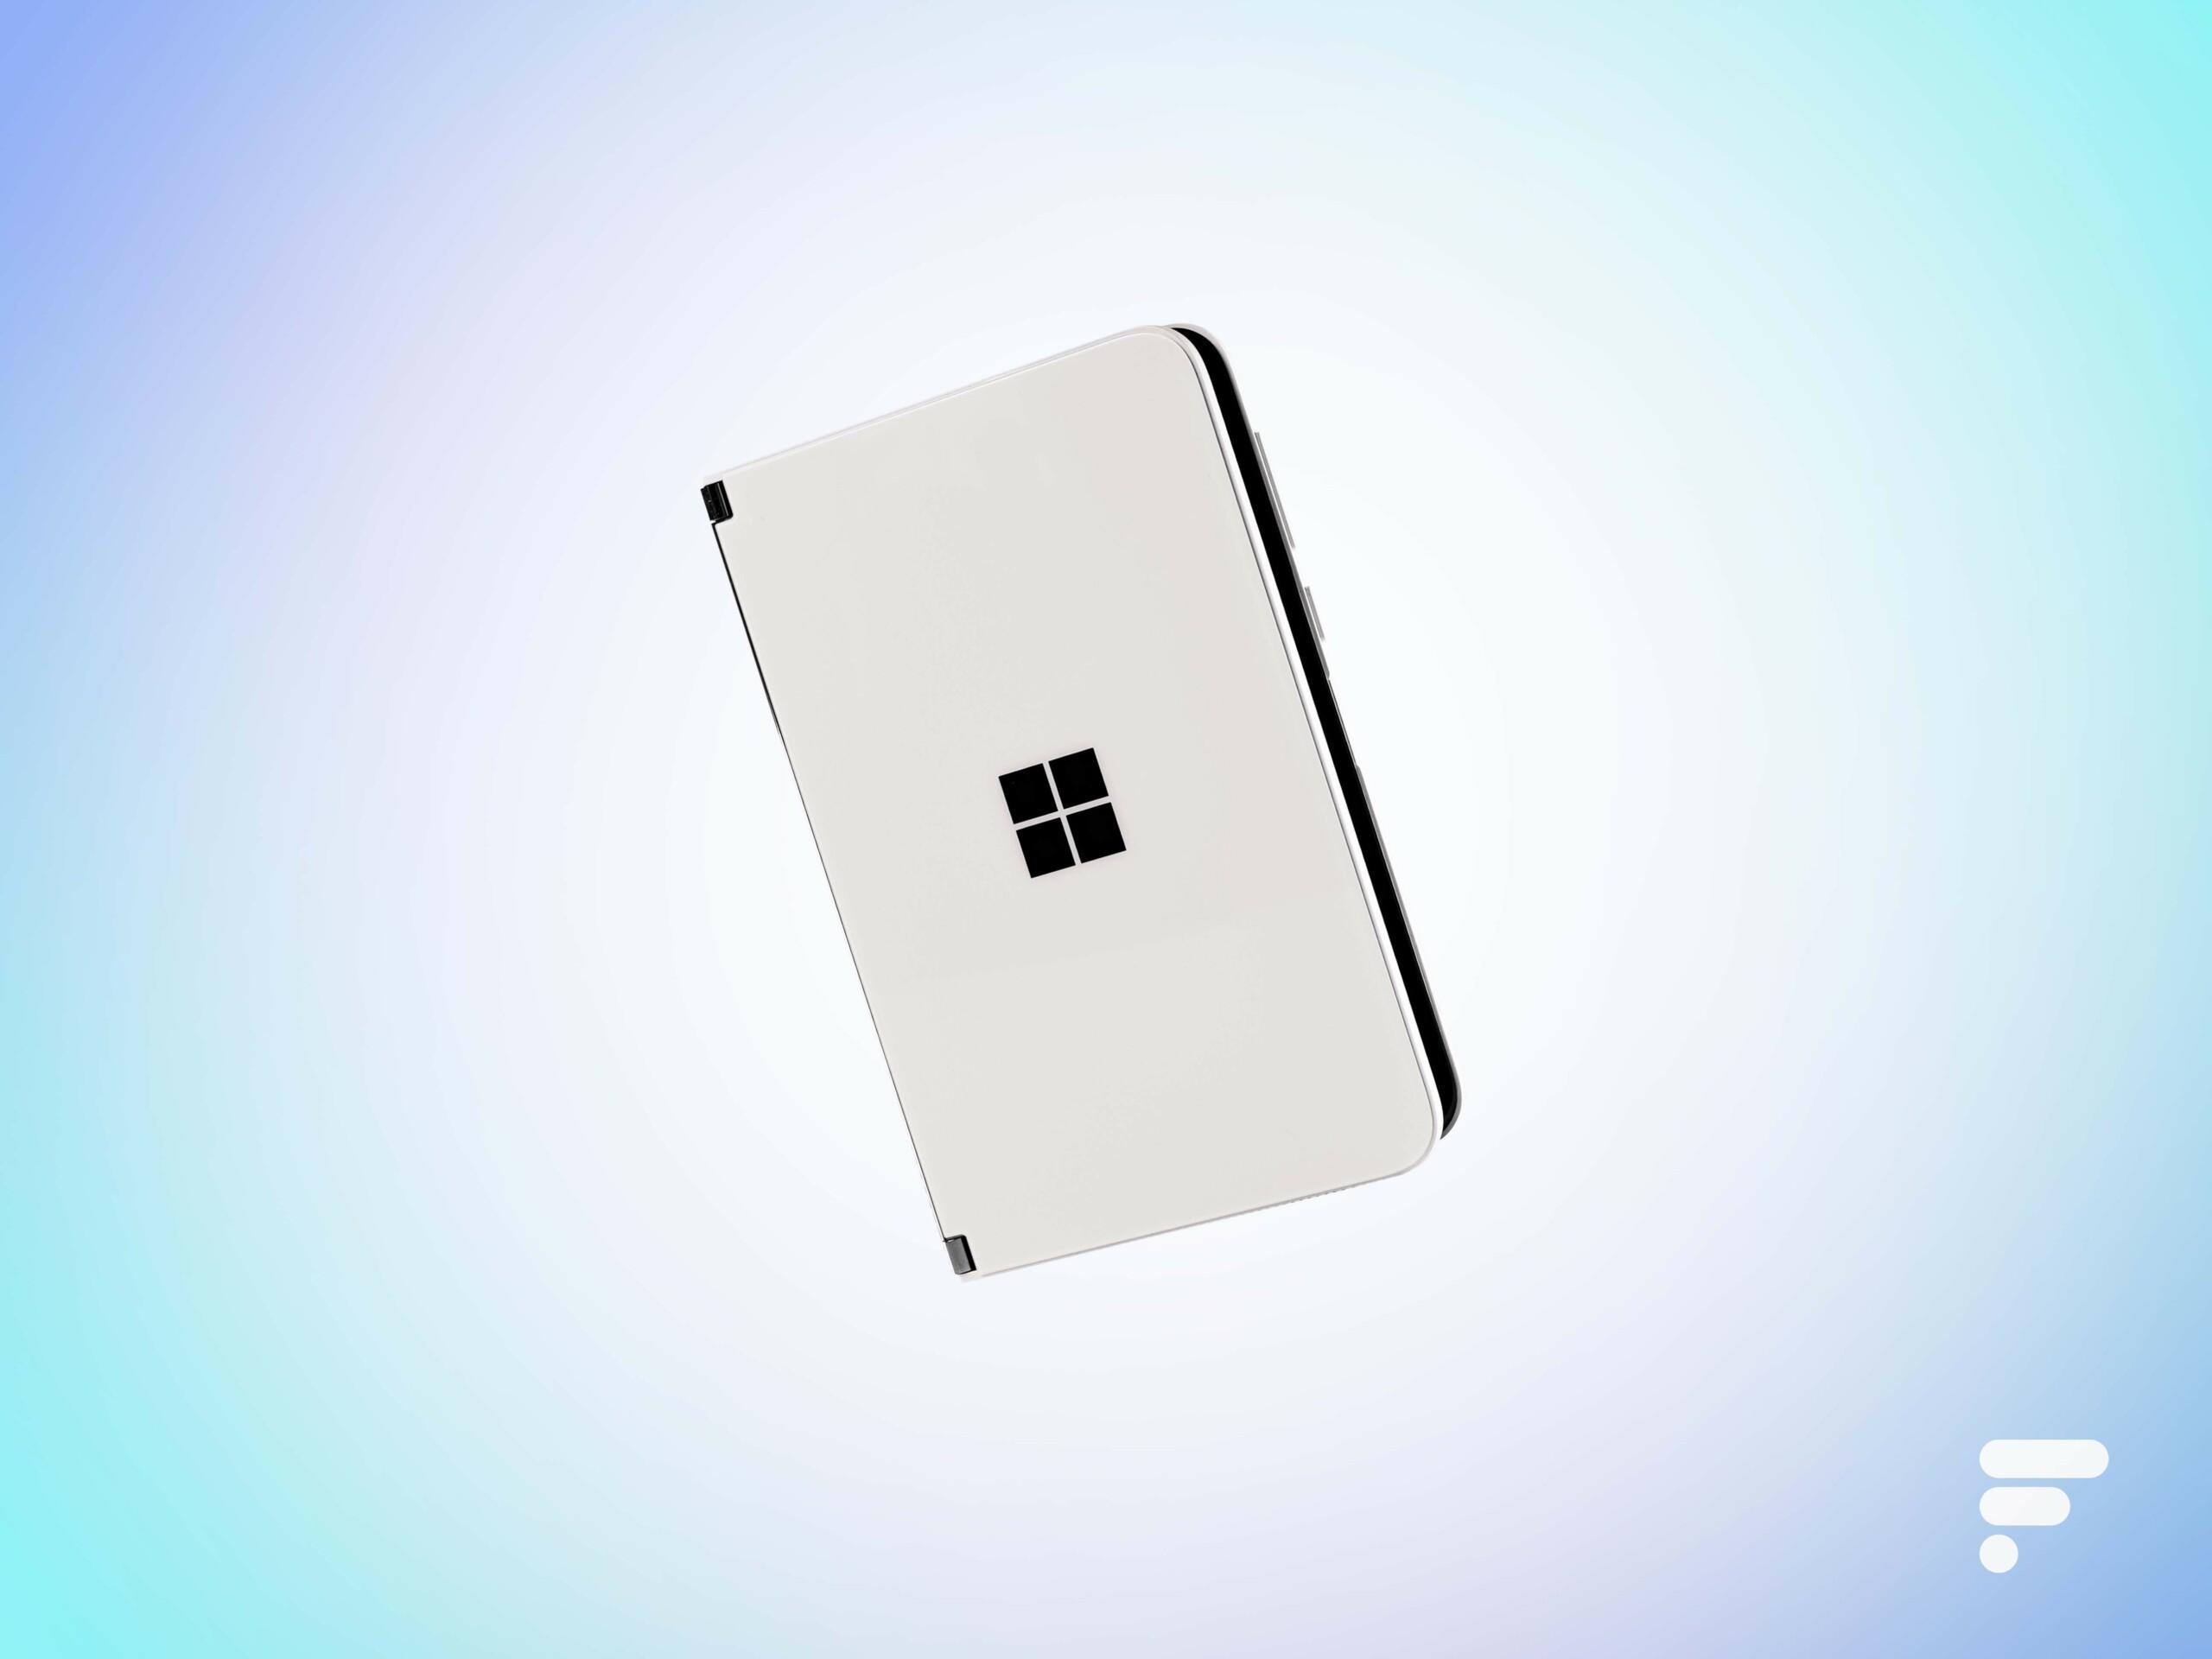 Surface Duo 2 : Microsoft préparerait un nouveau smartphone pliable pour la fin 2021